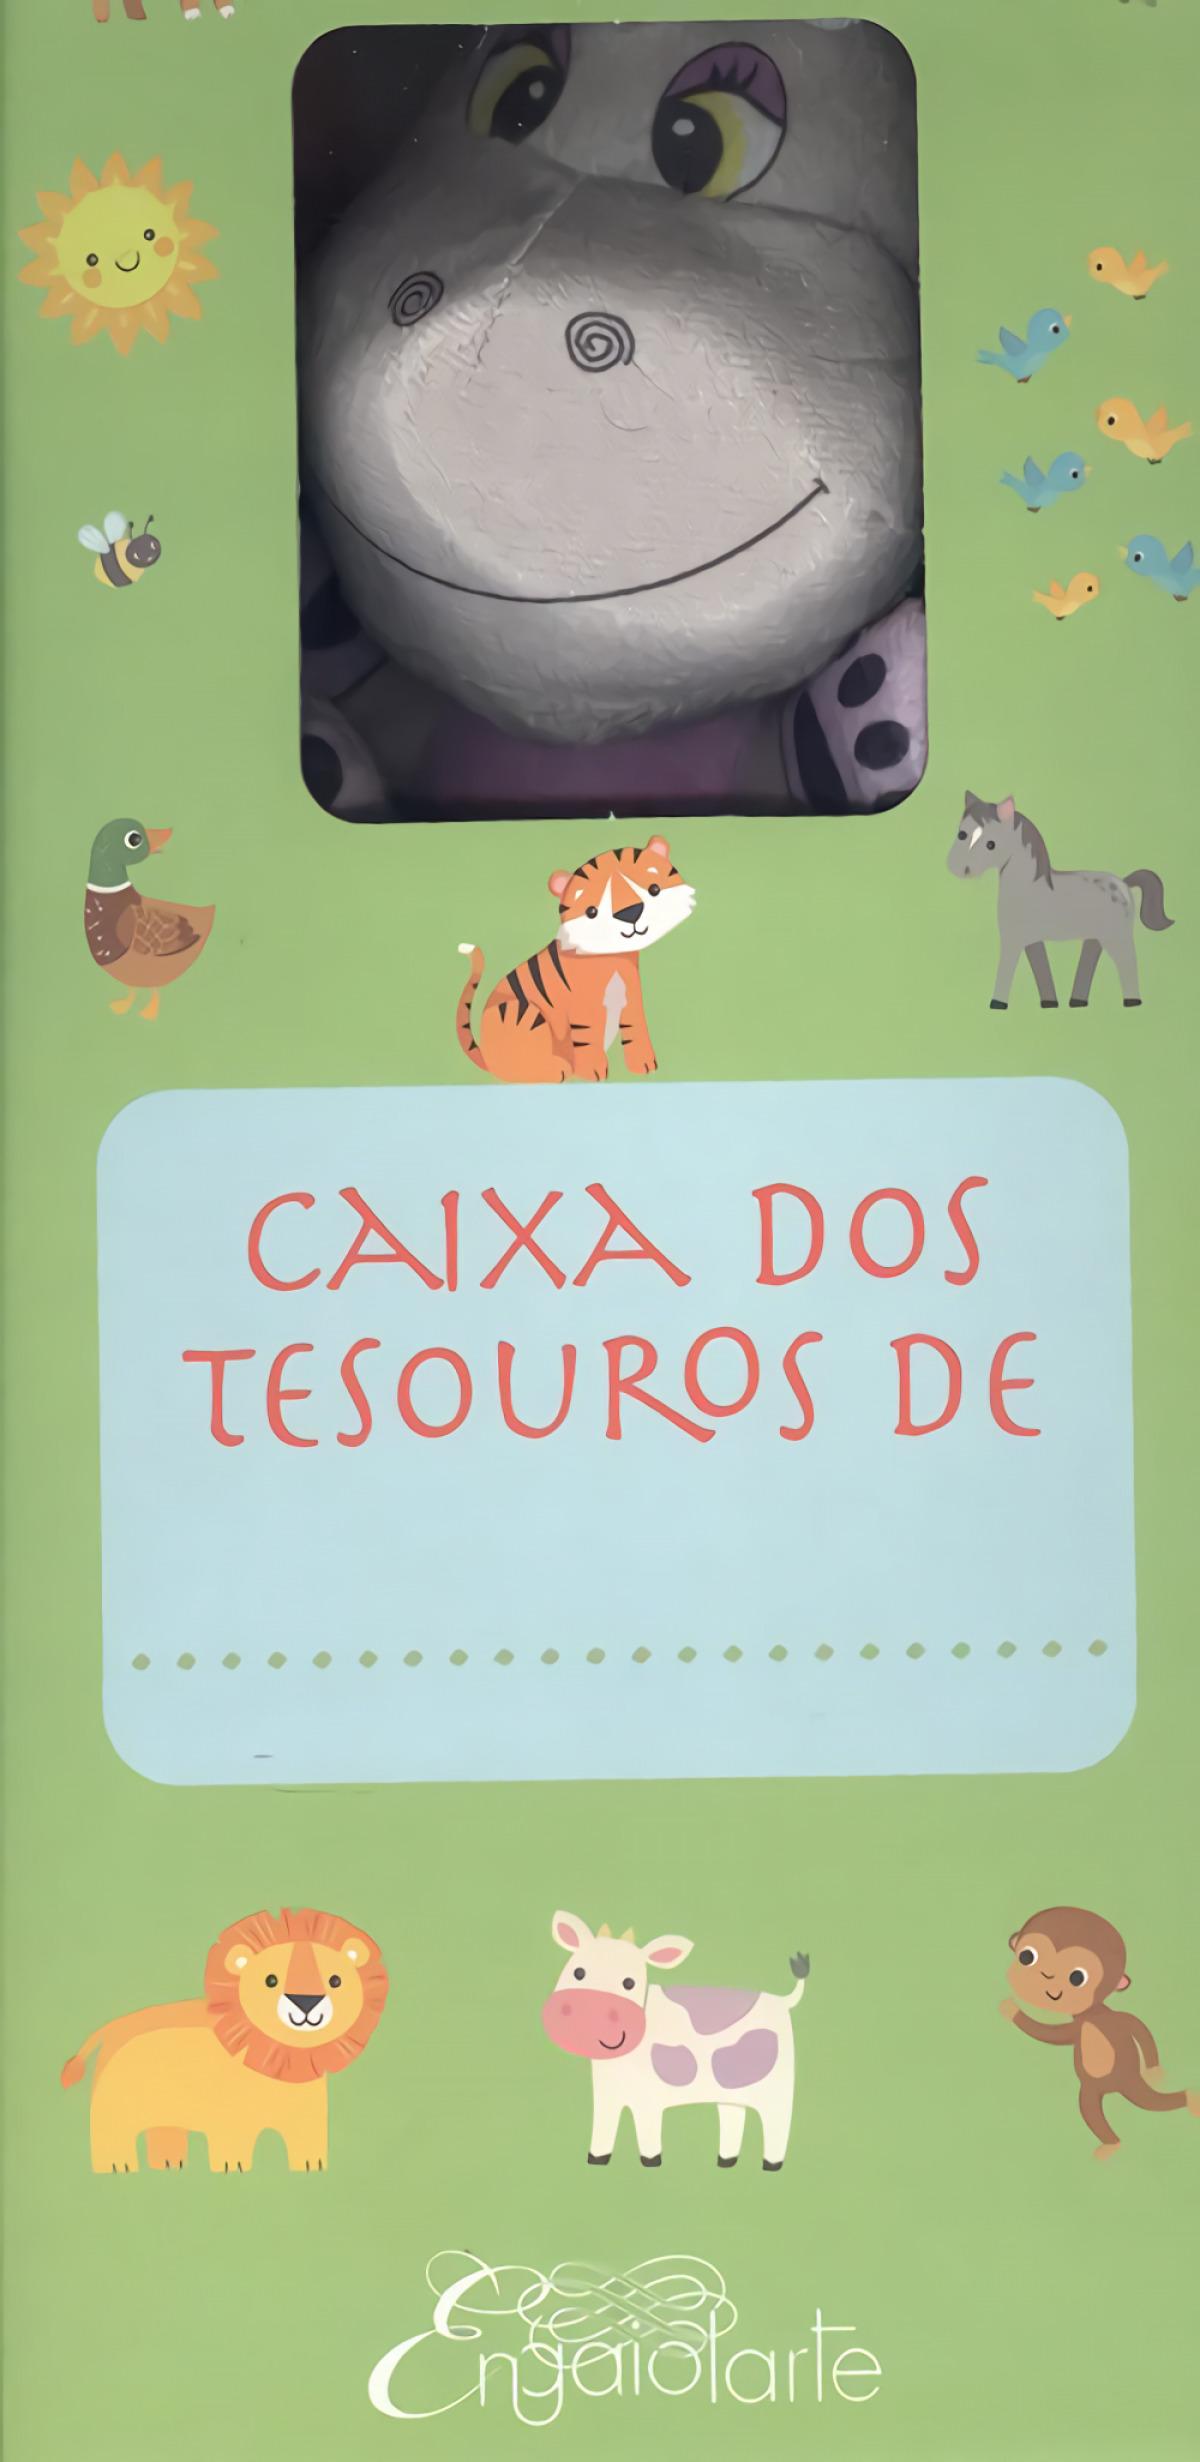 CAIXA DOS TESOUROS